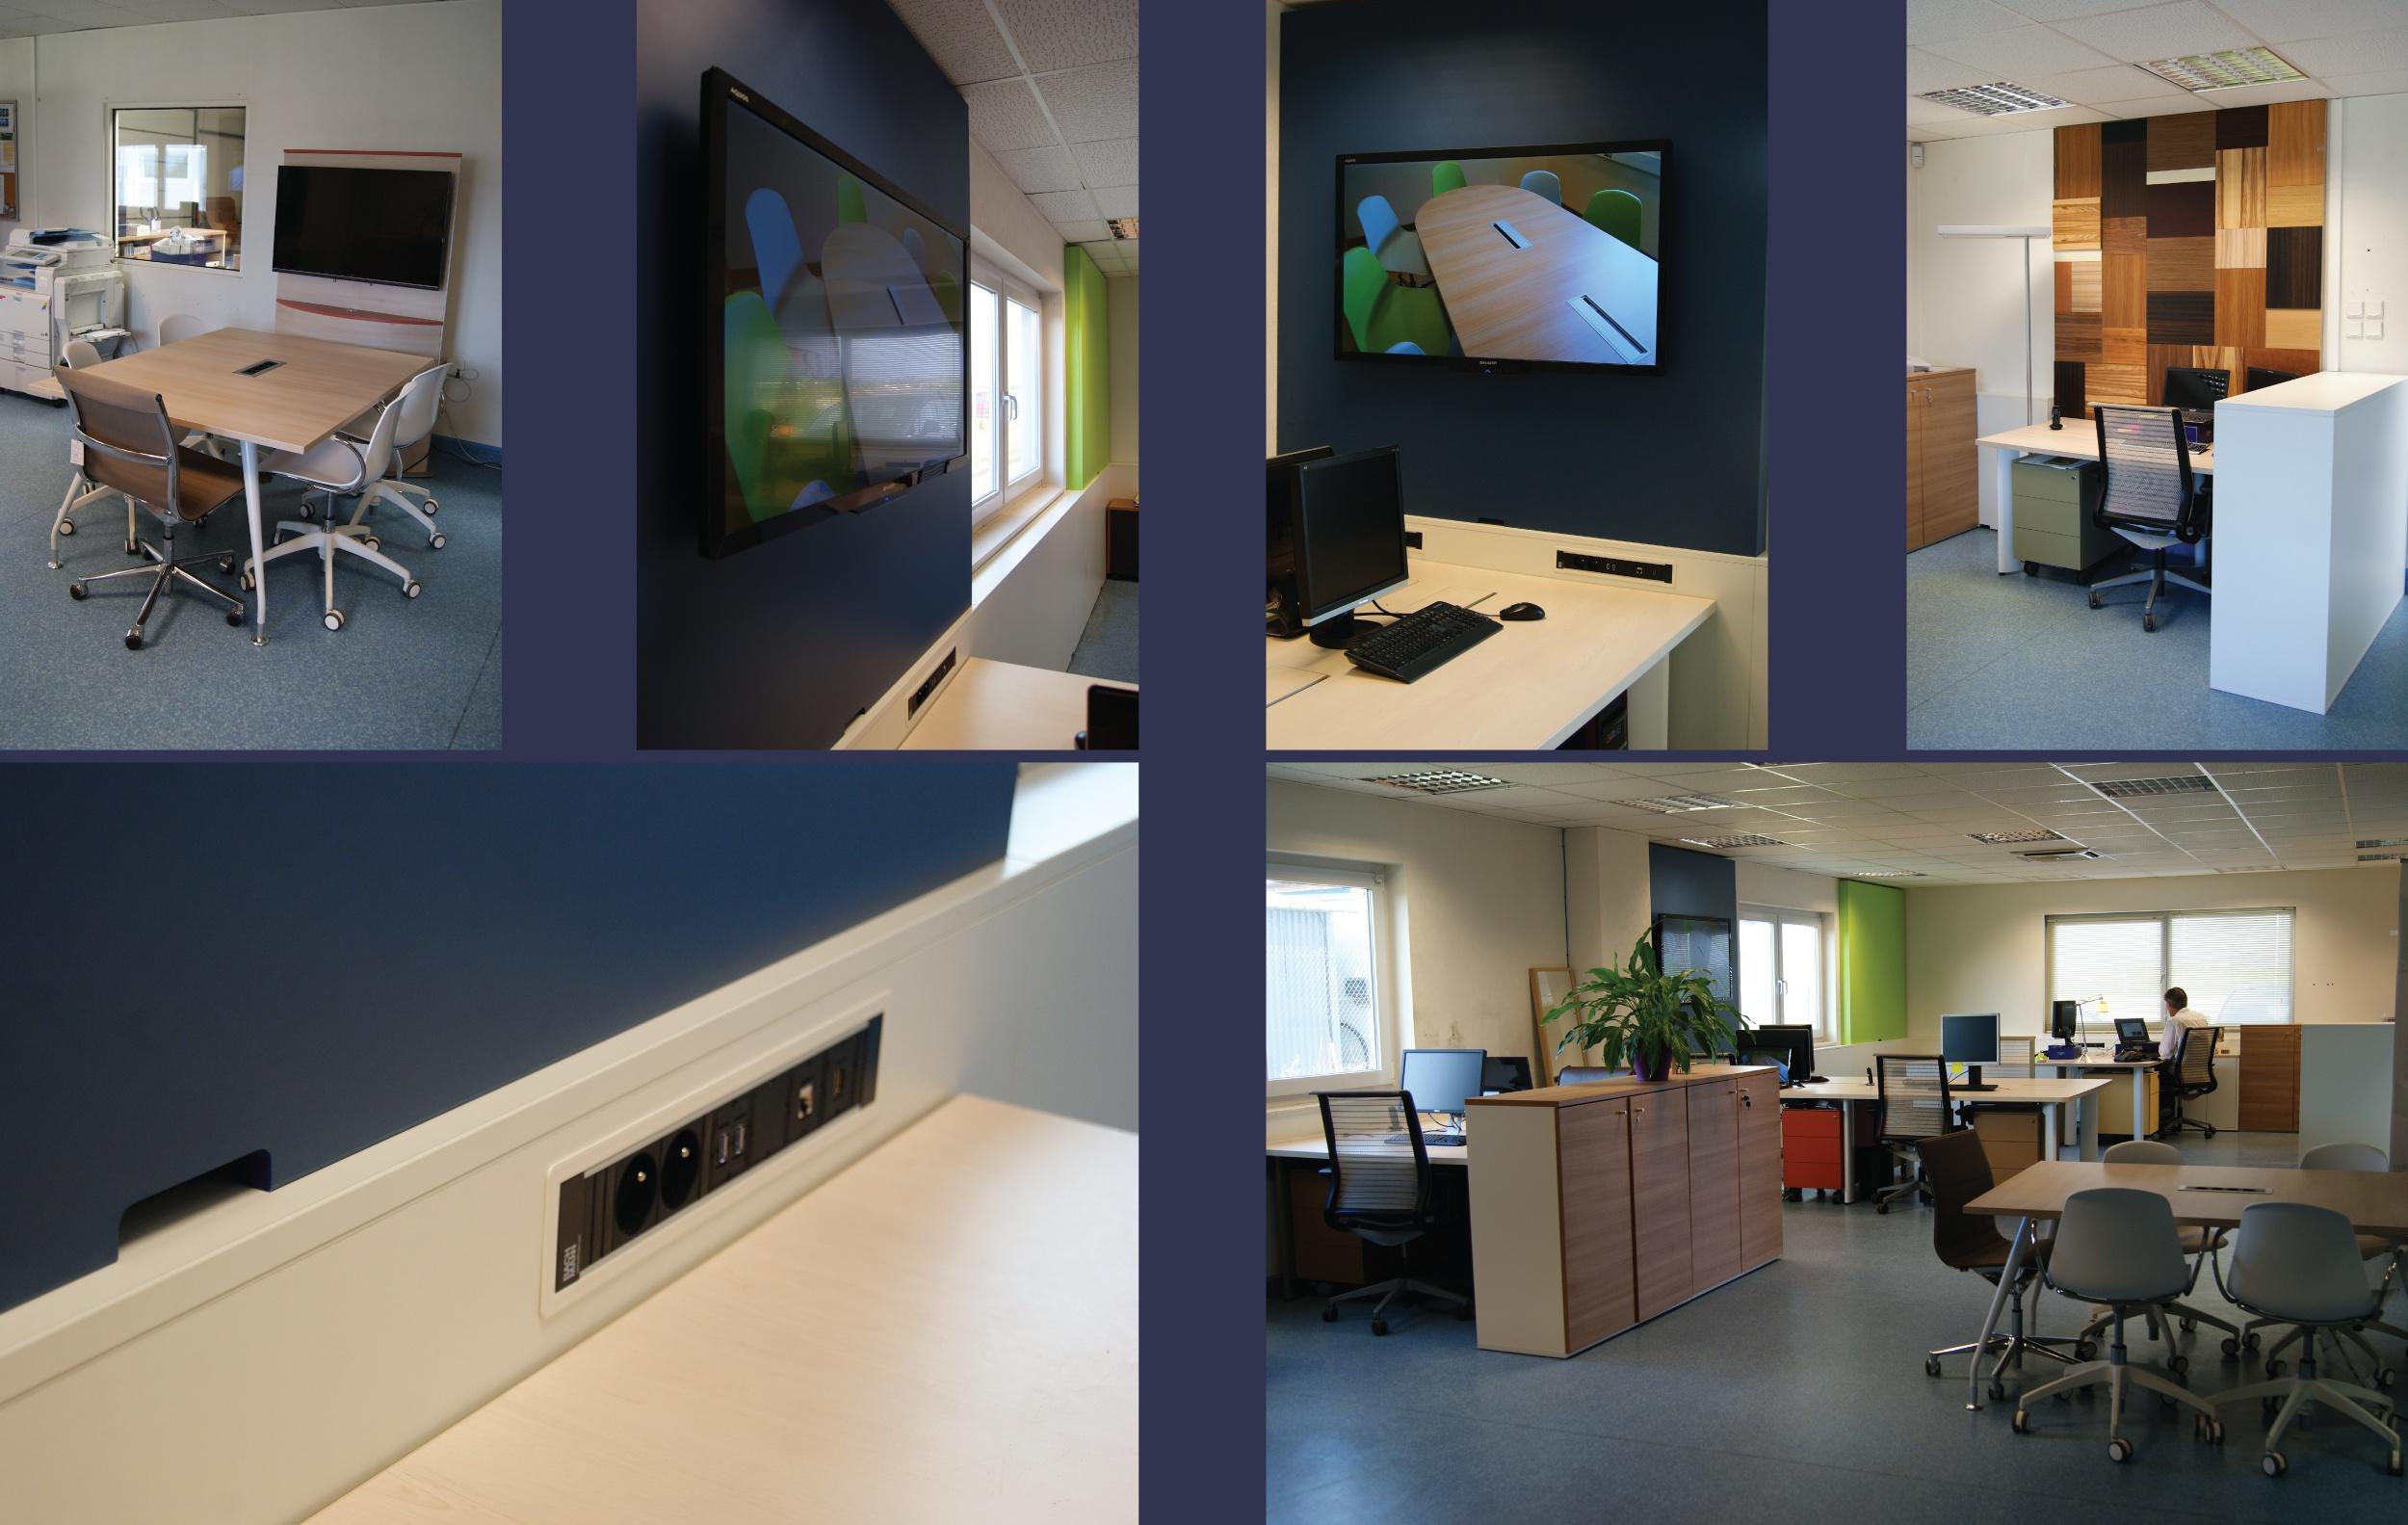 montage_photos_bureaux.jpg